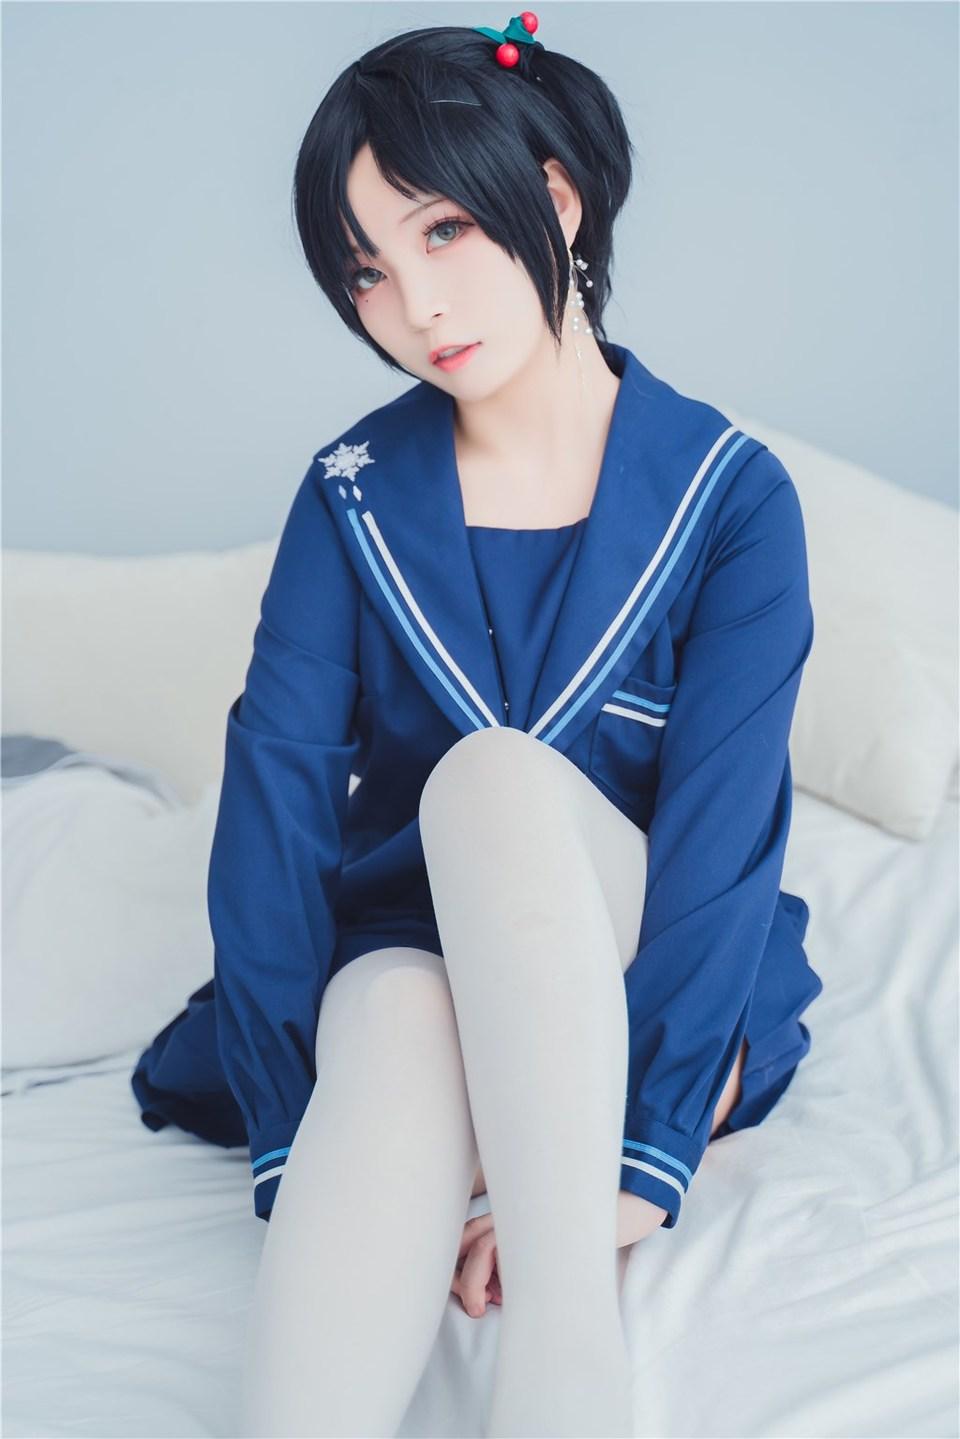 少女写真@蓝色幻想 [40P]